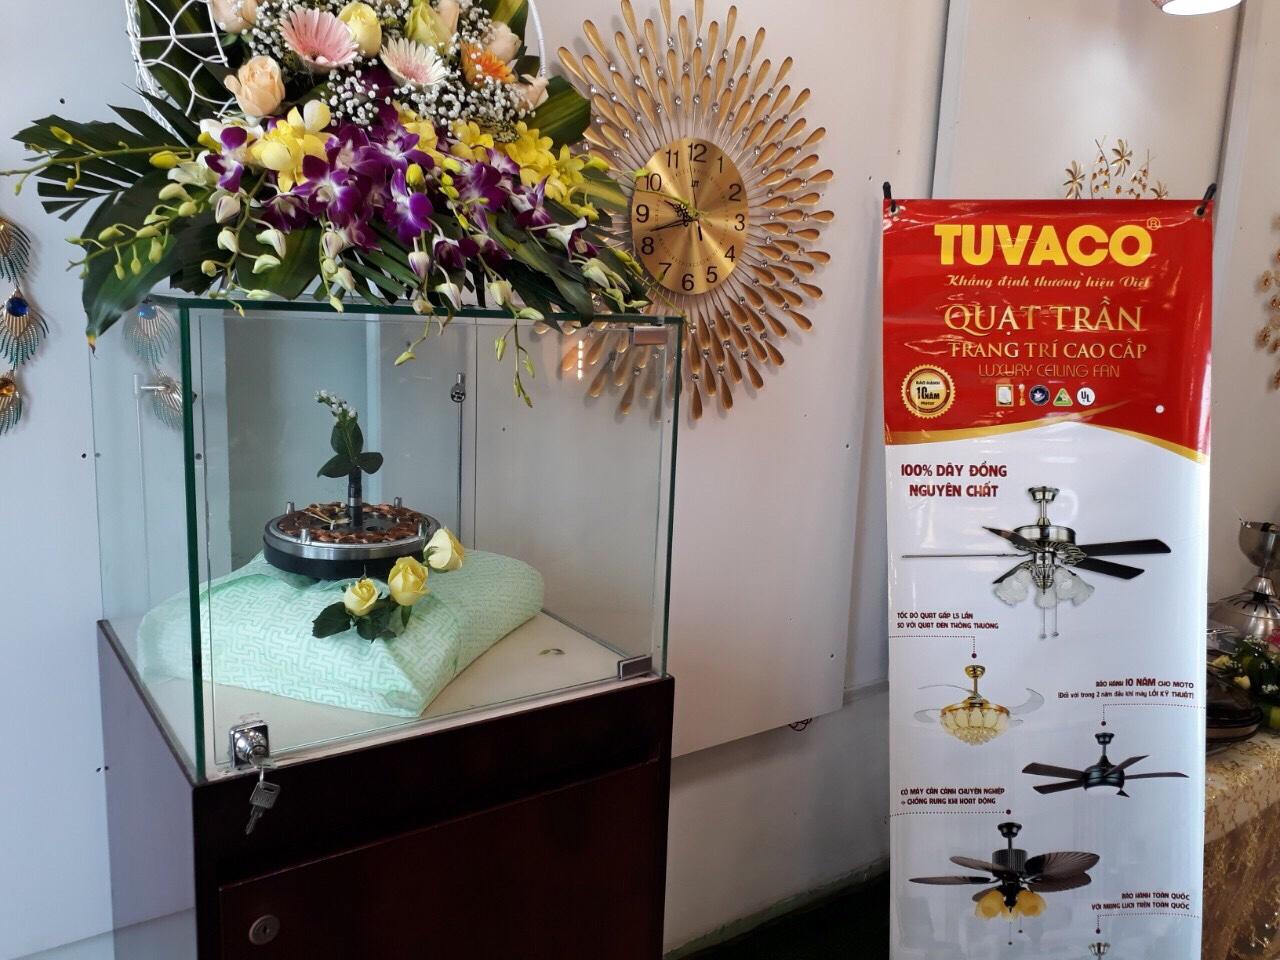 Quạt Trần Trang Trí TUVACO